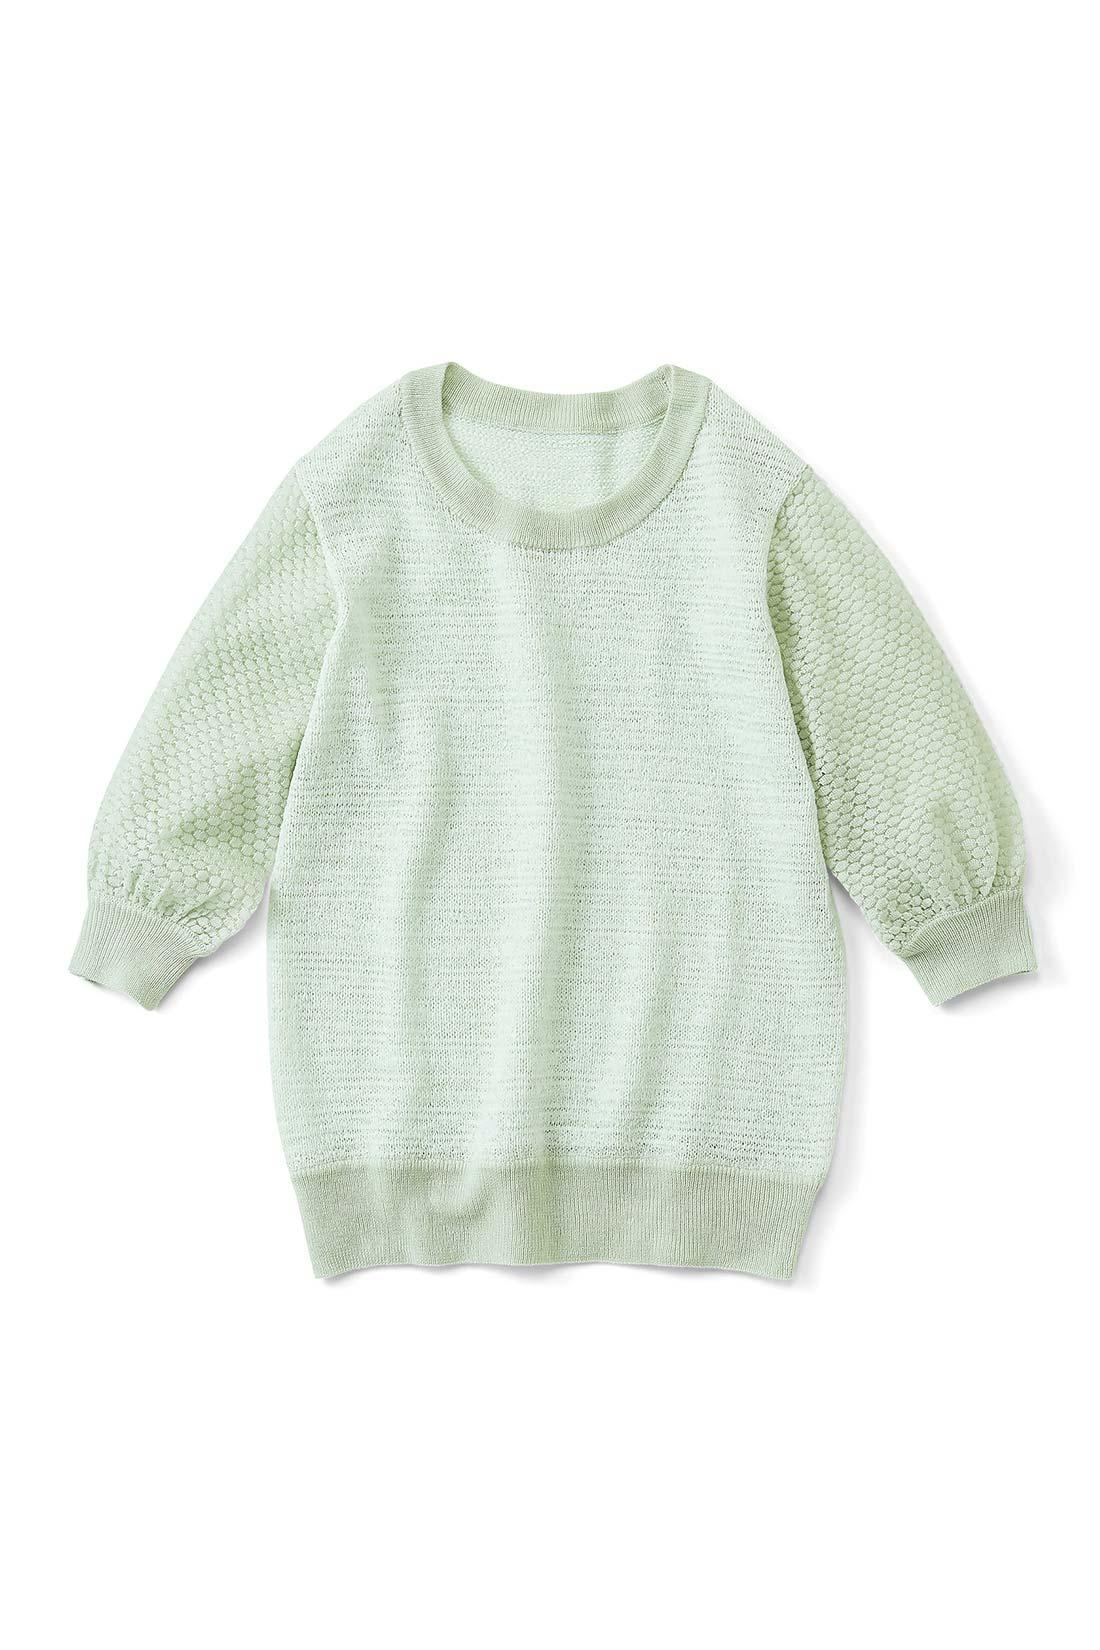 【ミント】ほんのり透ける感じがかわいいお袖。袖口やすその太めリブがいい感じのアクセントに。